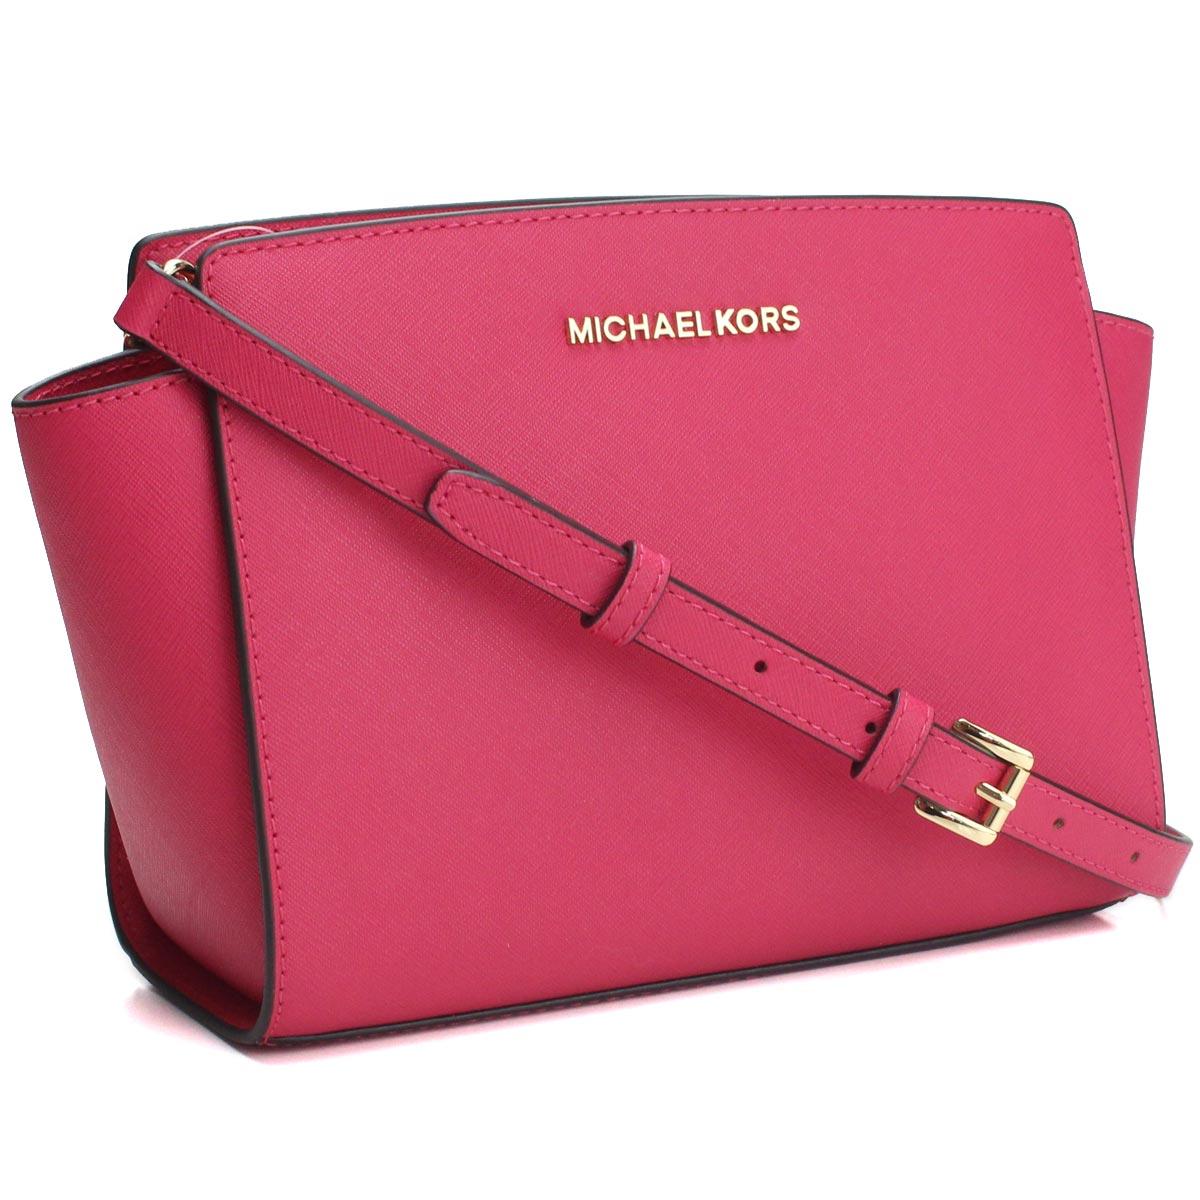 586af8783981 Bighit The total brand wholesale  Take Michael Kors MICHAEL KORS SELMA  Selma slant  shoulder bag 30T3GLMM2L ULTRA PINK pink system